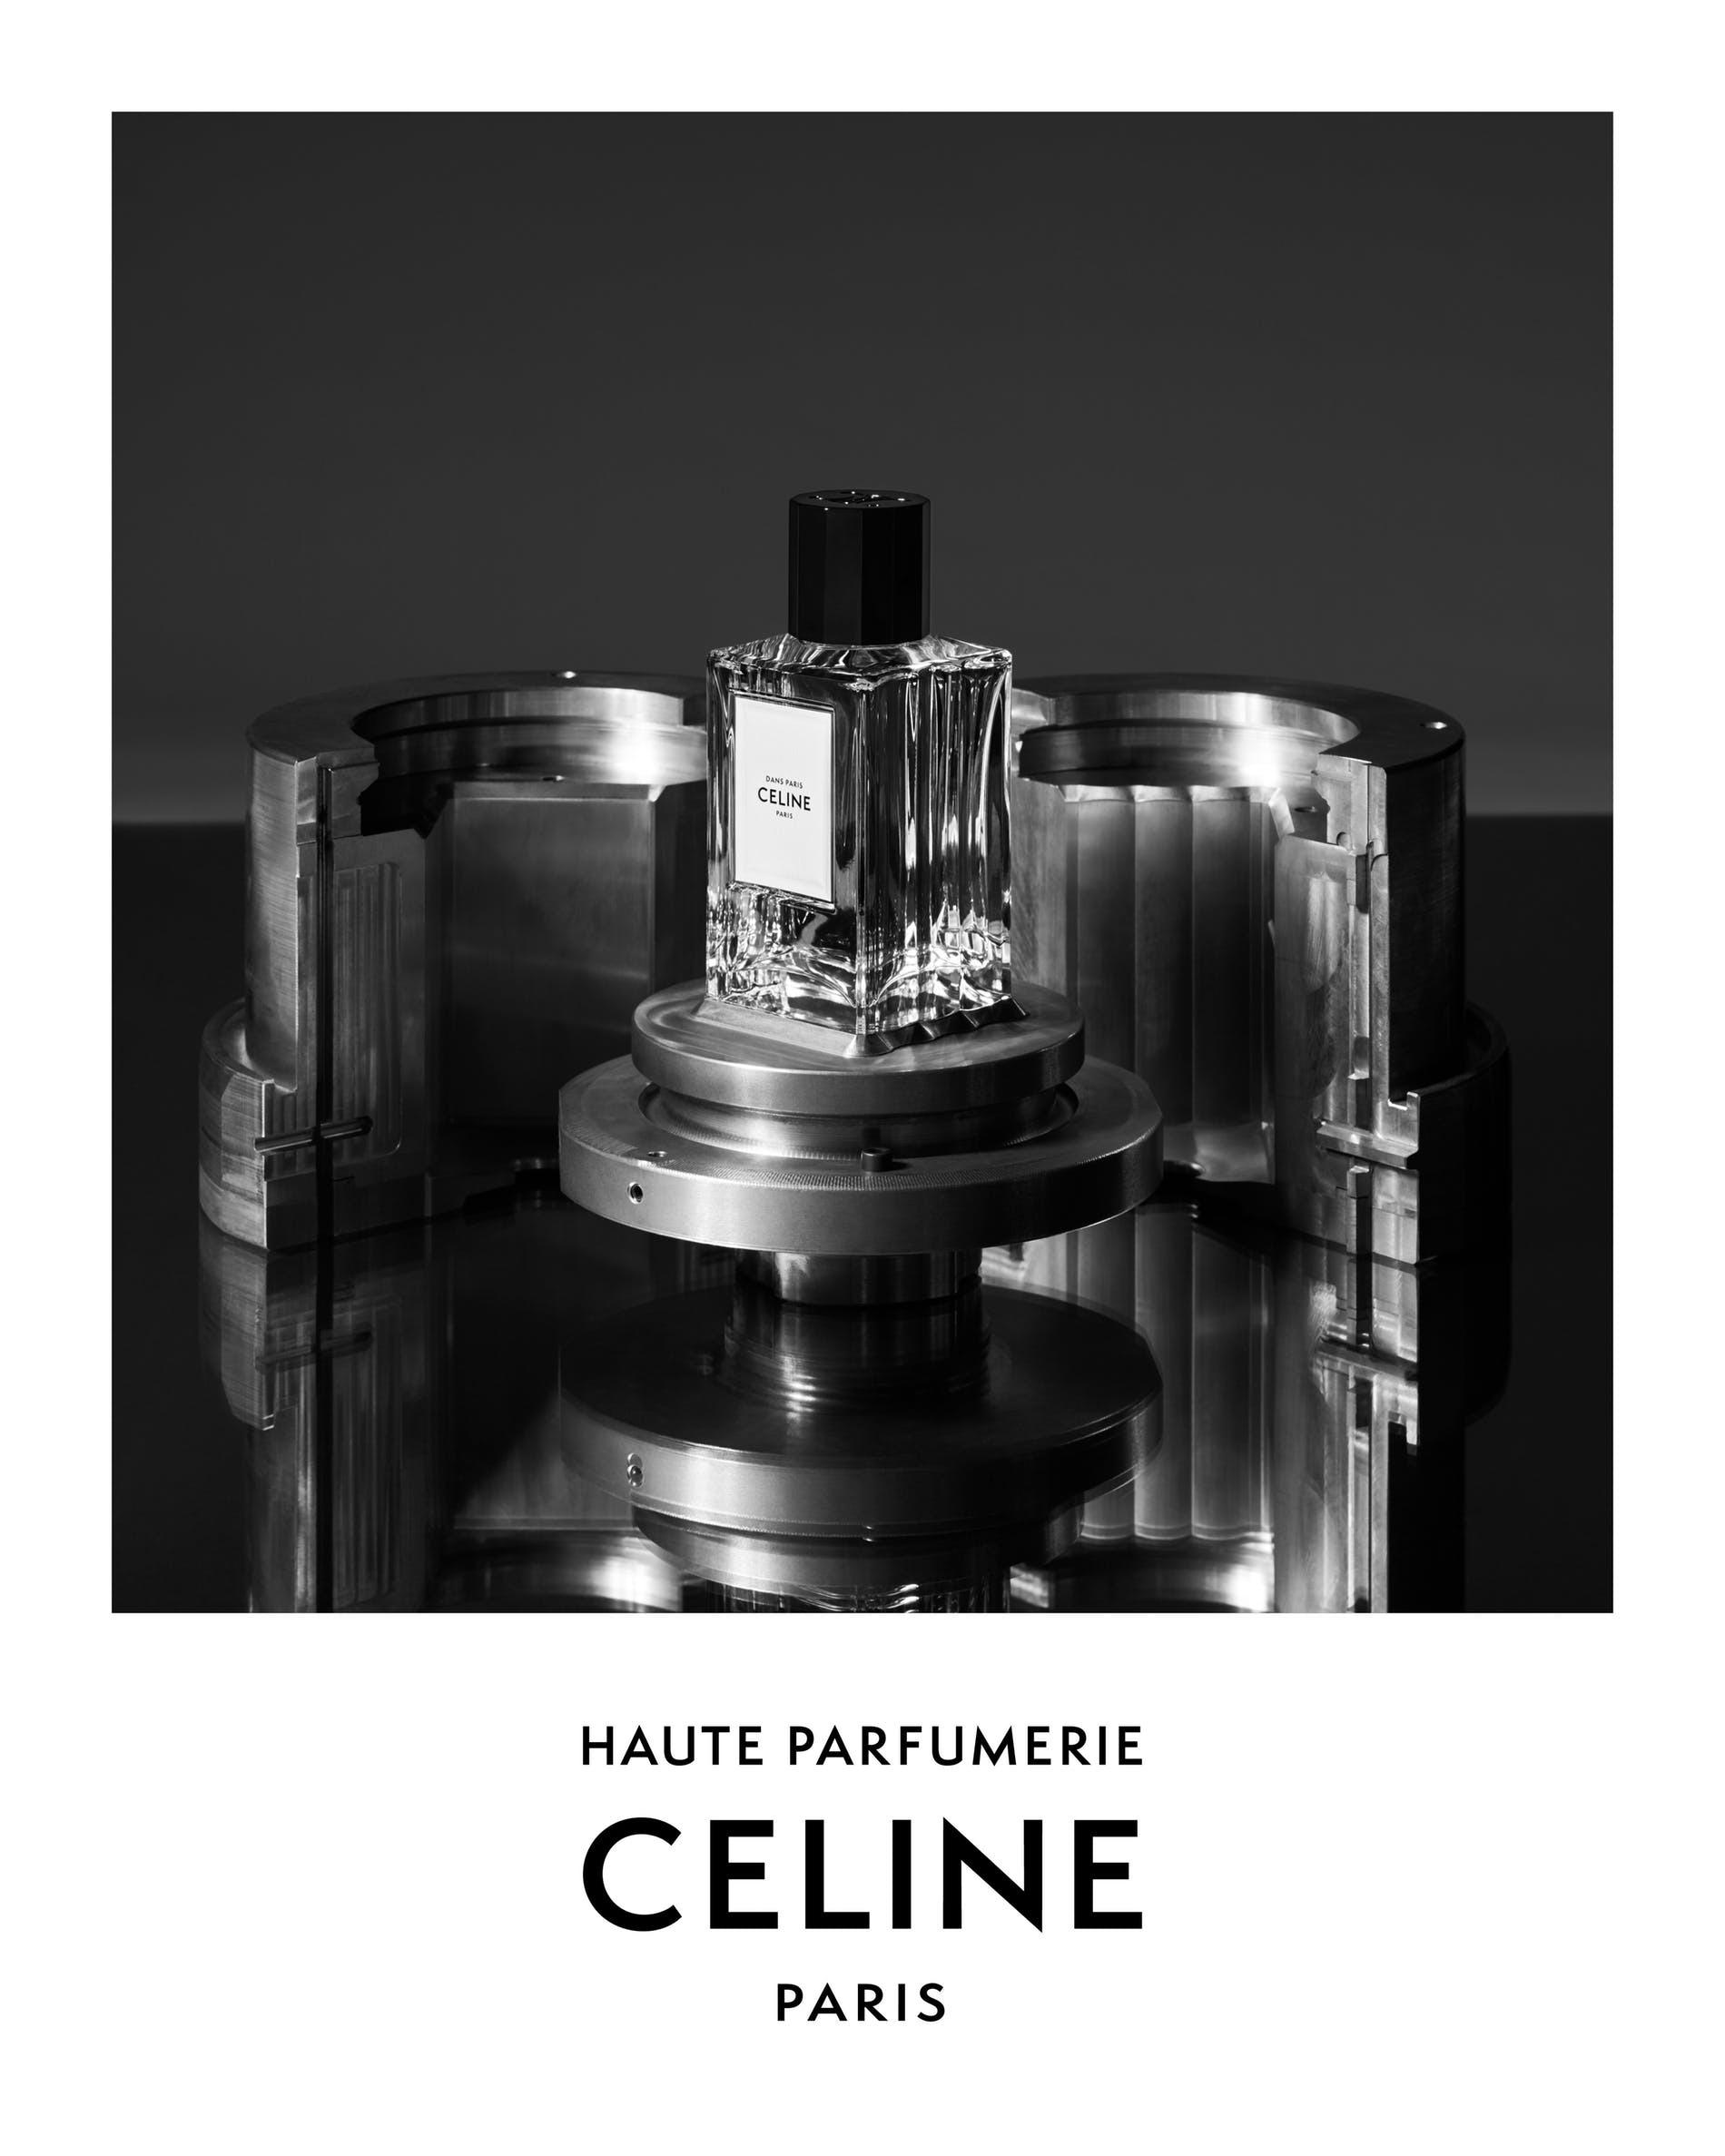 Brand Celine Akan Meluncurkan Produk Parfume Pertama Mereka 3